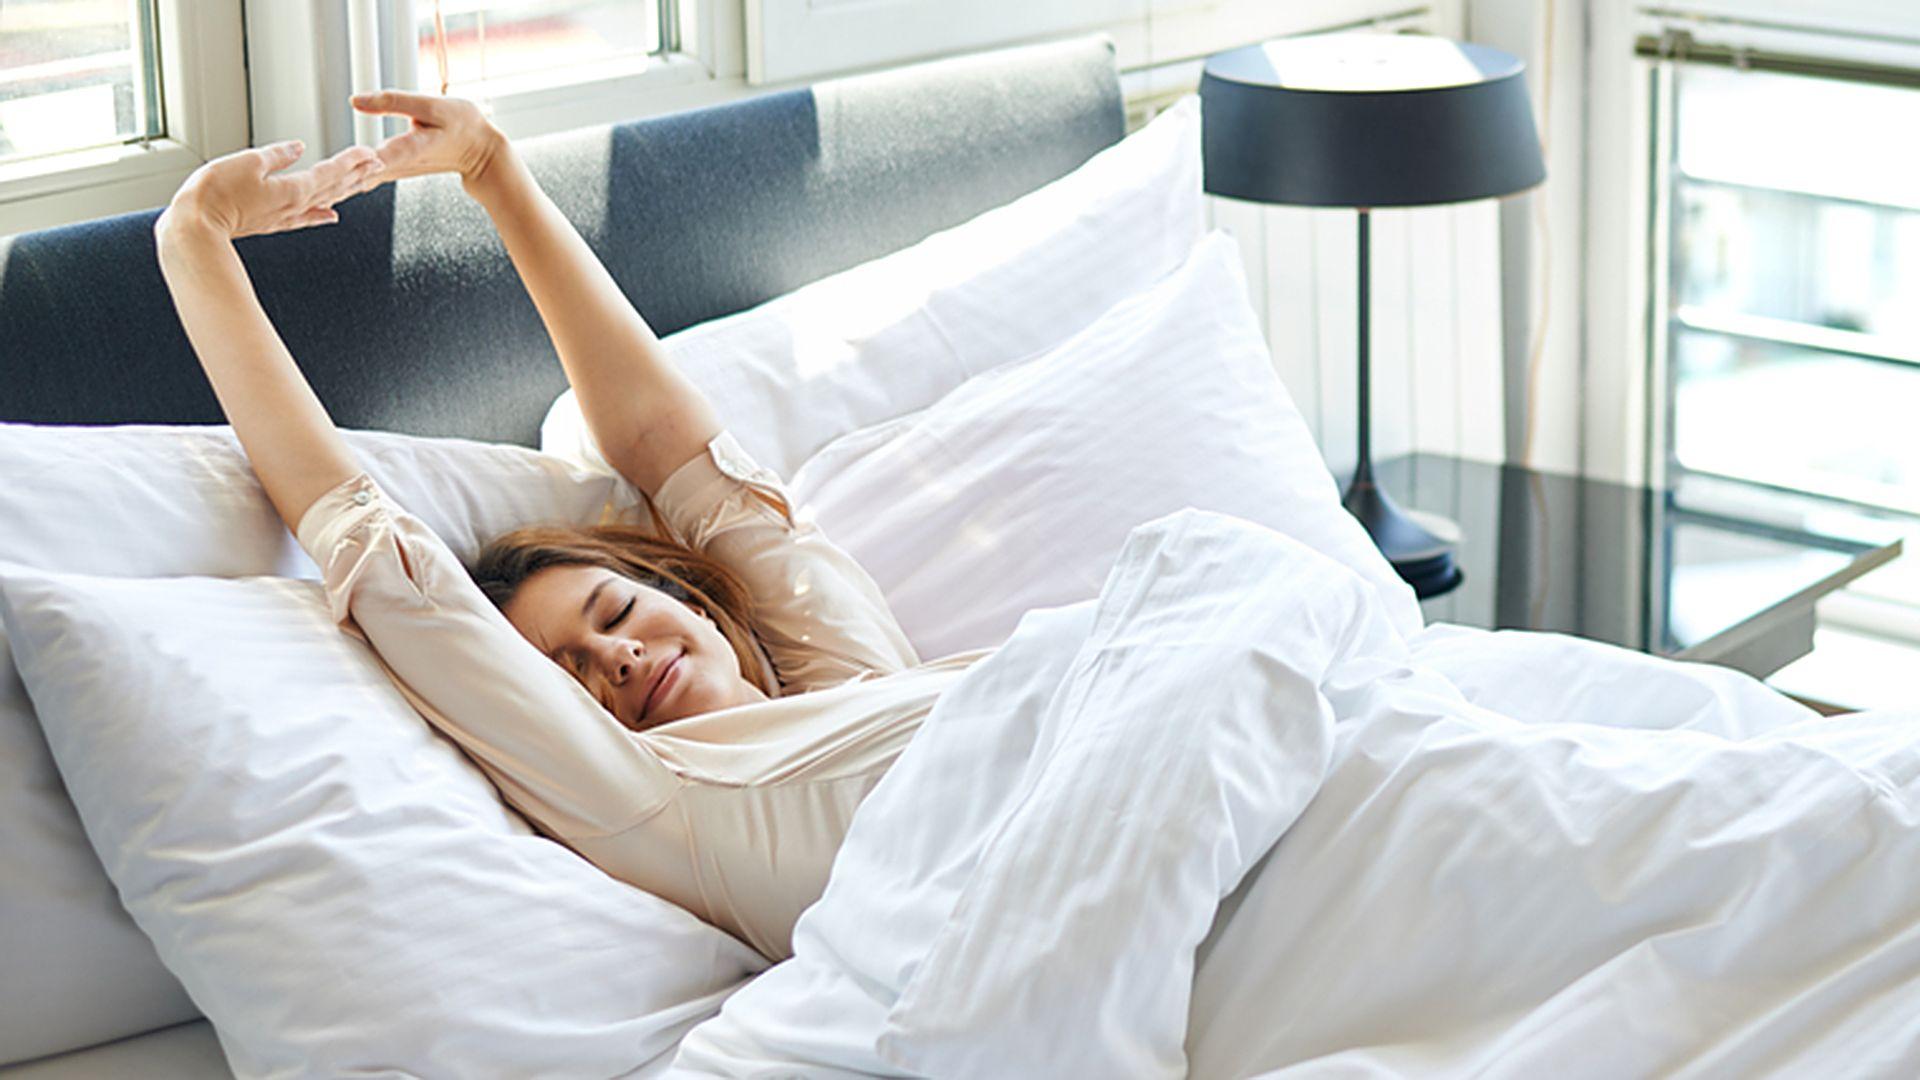 5 surprising ways to make waking up easier Best mattress